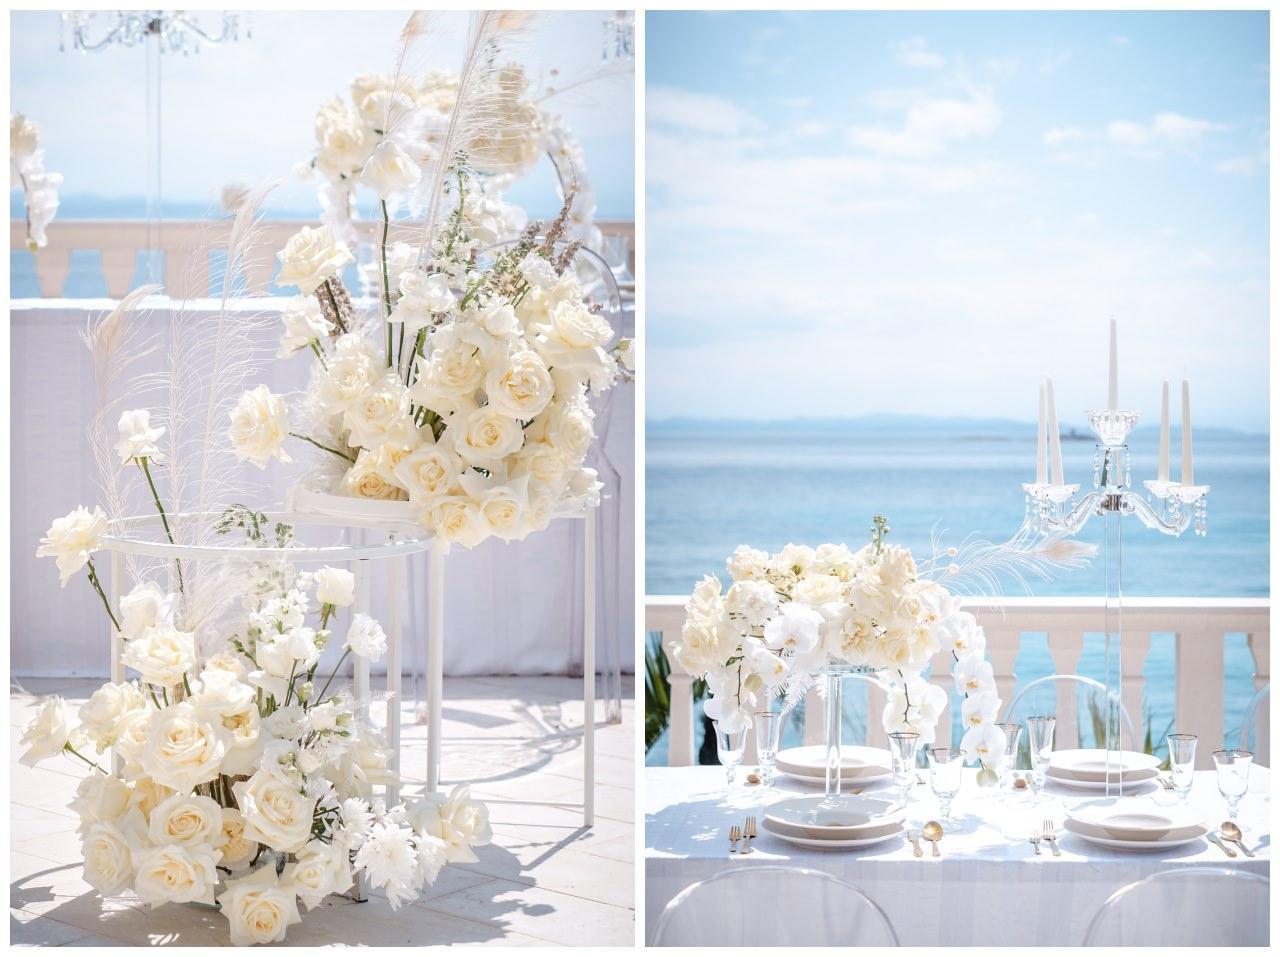 Hochzeit Kroatien Hochzeitsplanung Hochzeitsplaner Fotograf 19 - Luxuriöse Hochzeit in Weiß